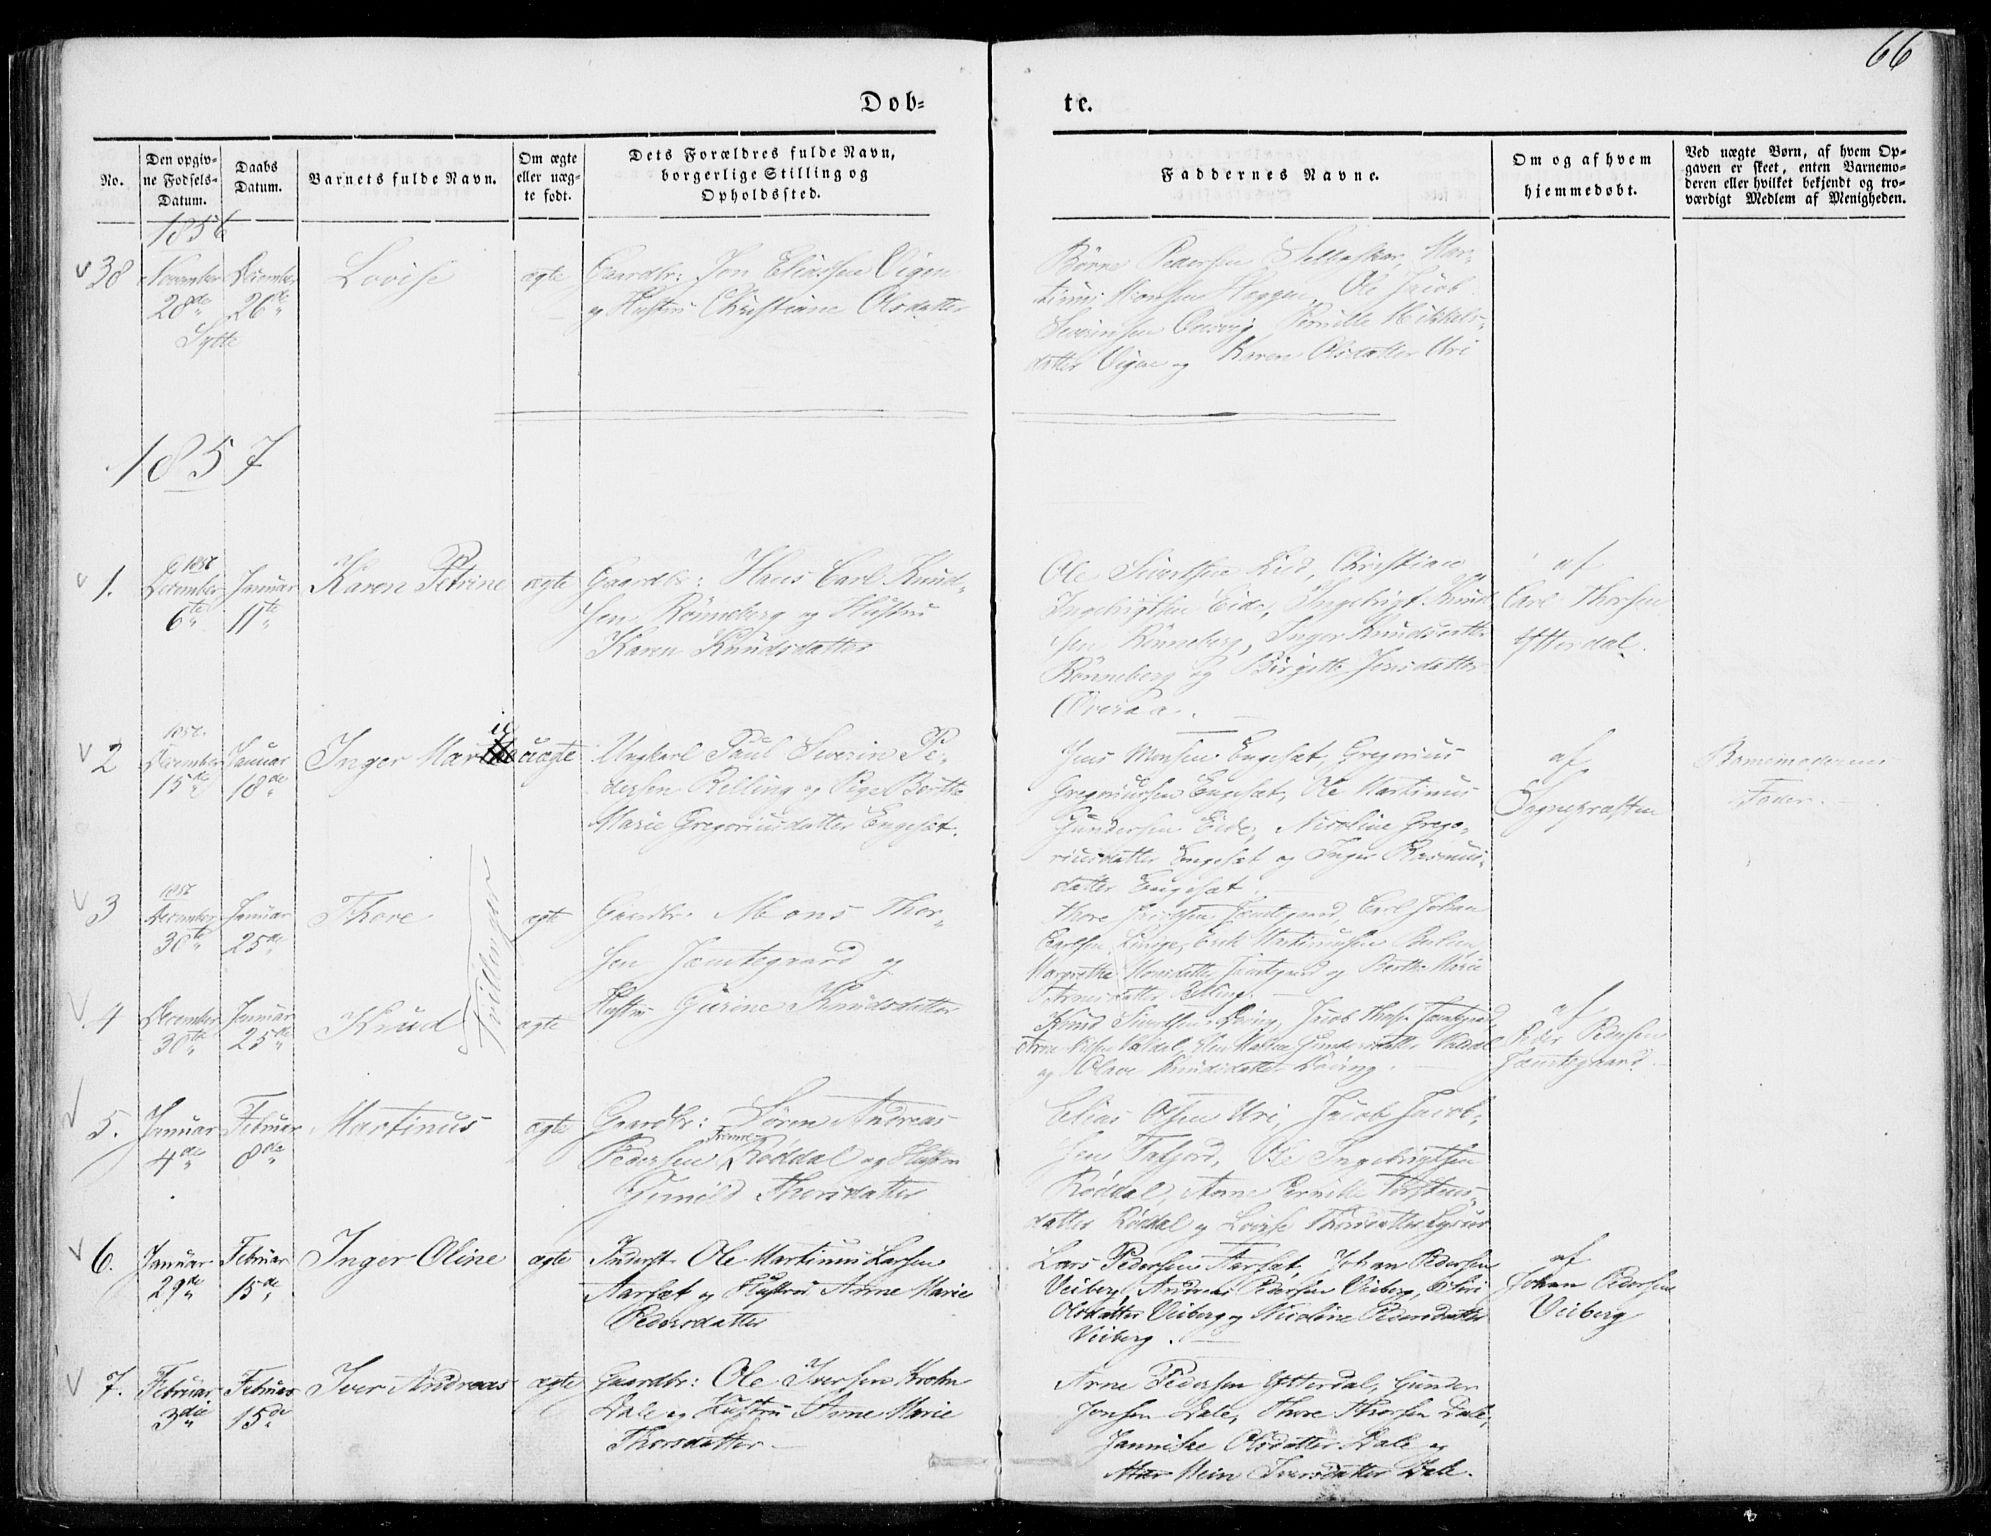 SAT, Ministerialprotokoller, klokkerbøker og fødselsregistre - Møre og Romsdal, 519/L0249: Parish register (official) no. 519A08, 1846-1868, p. 66